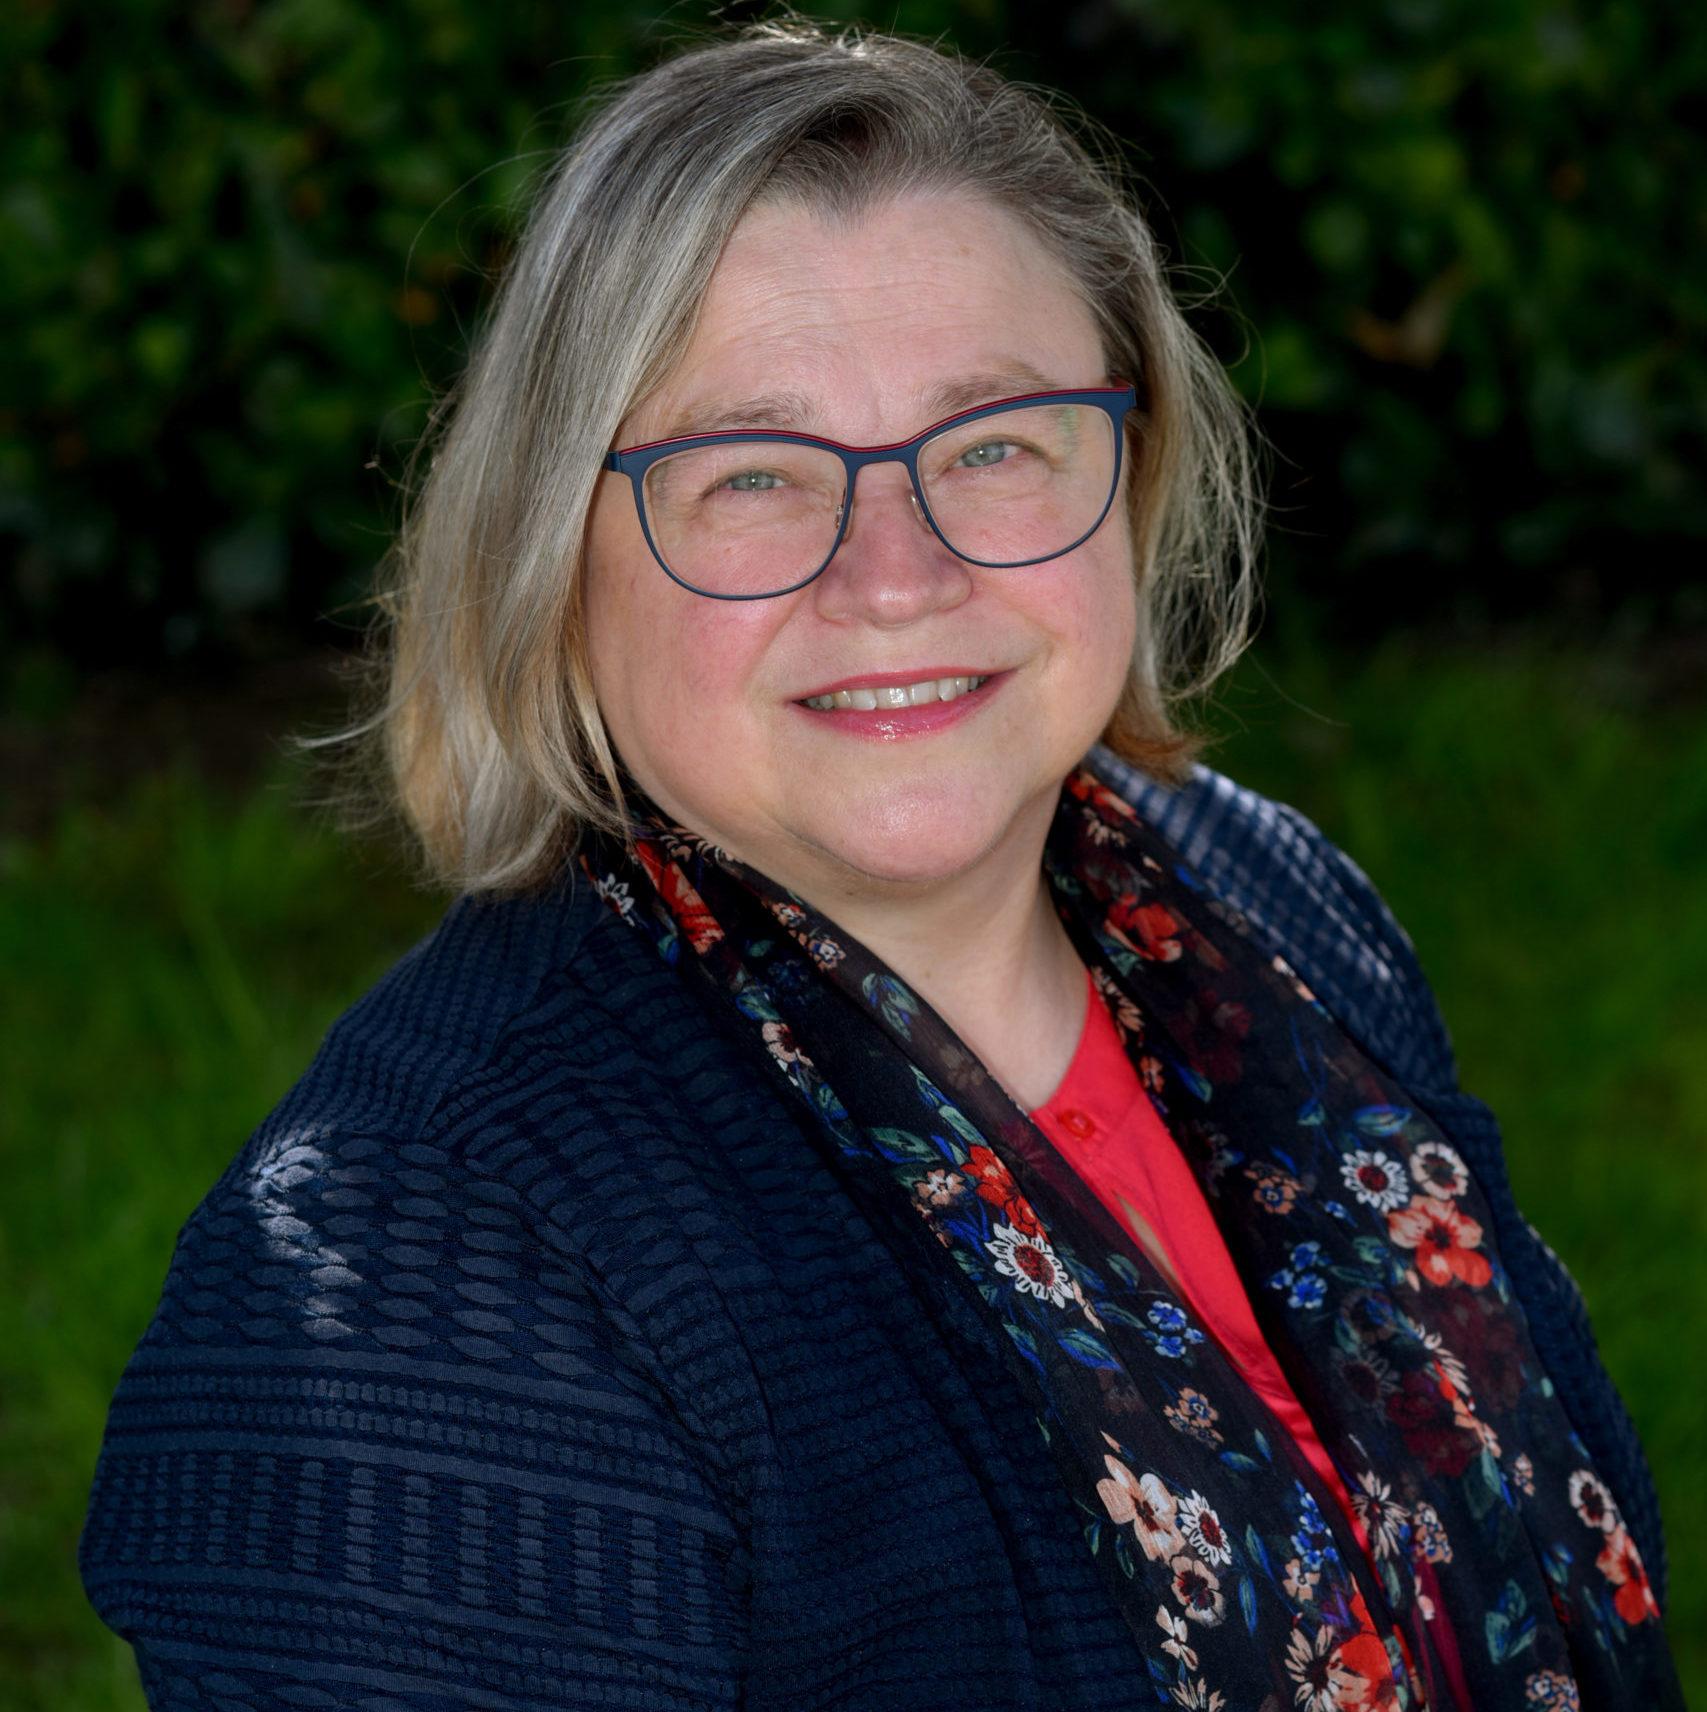 Margit Schmoller